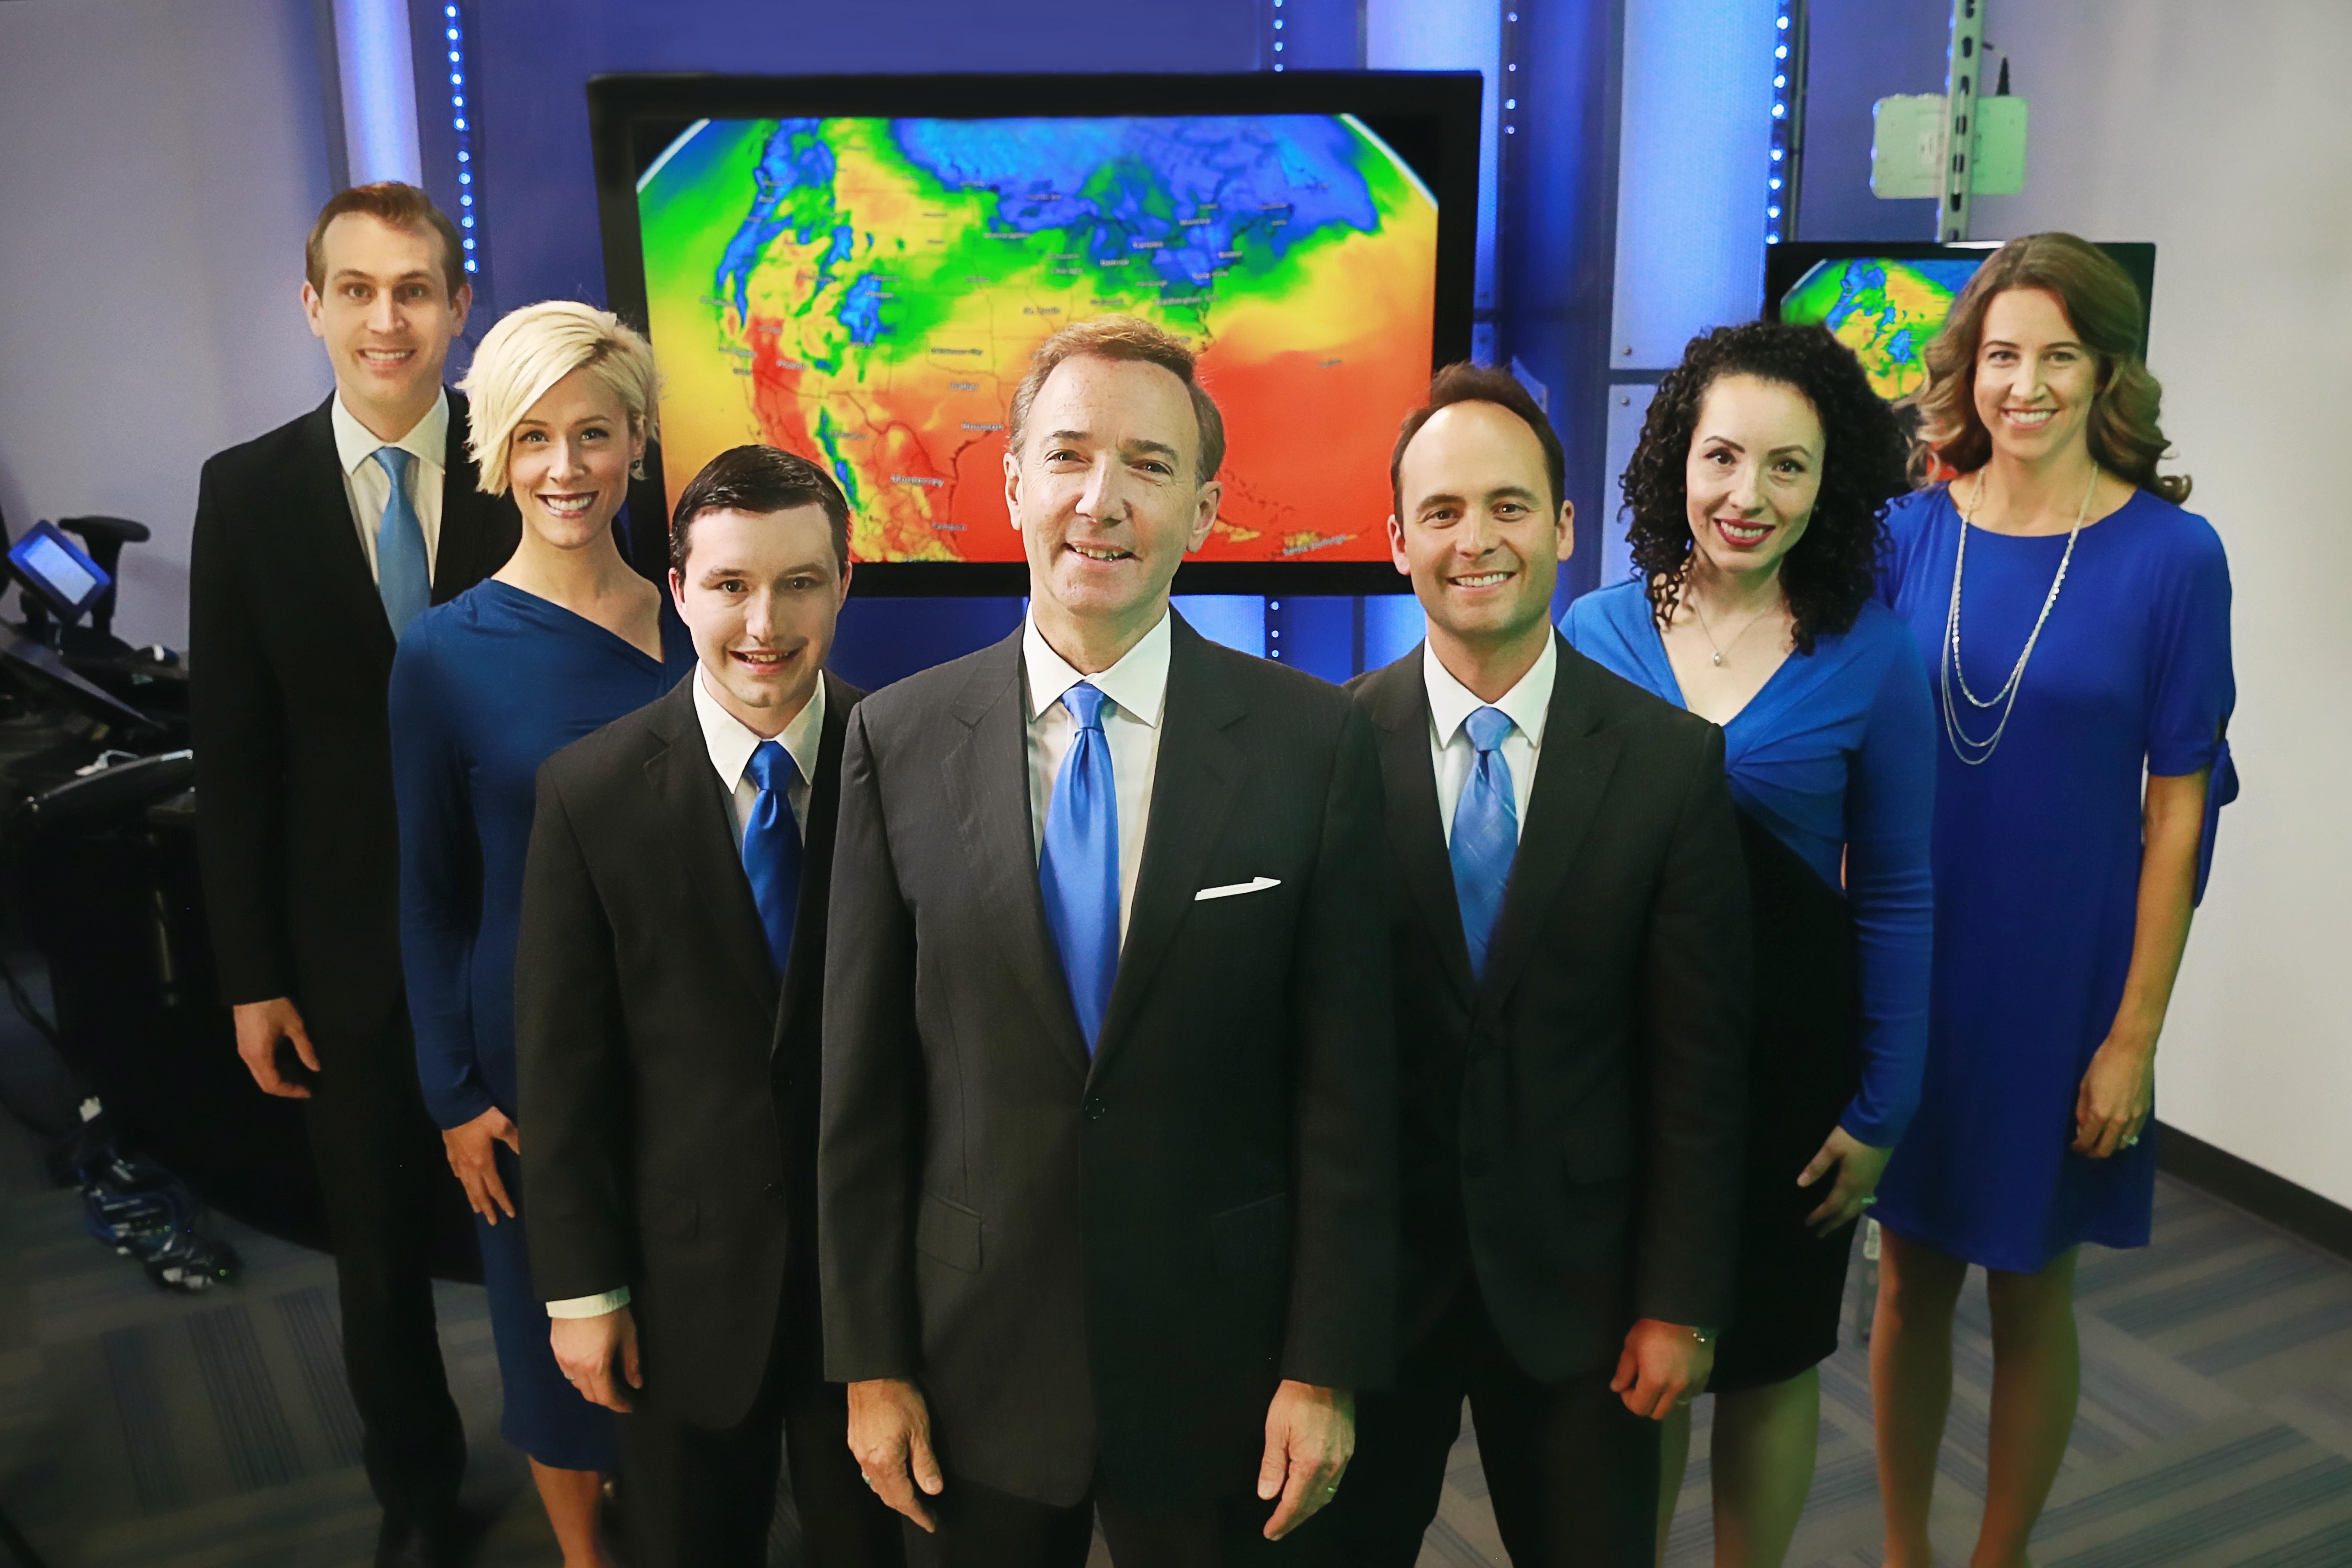 About Praedictix Team Meteorologist